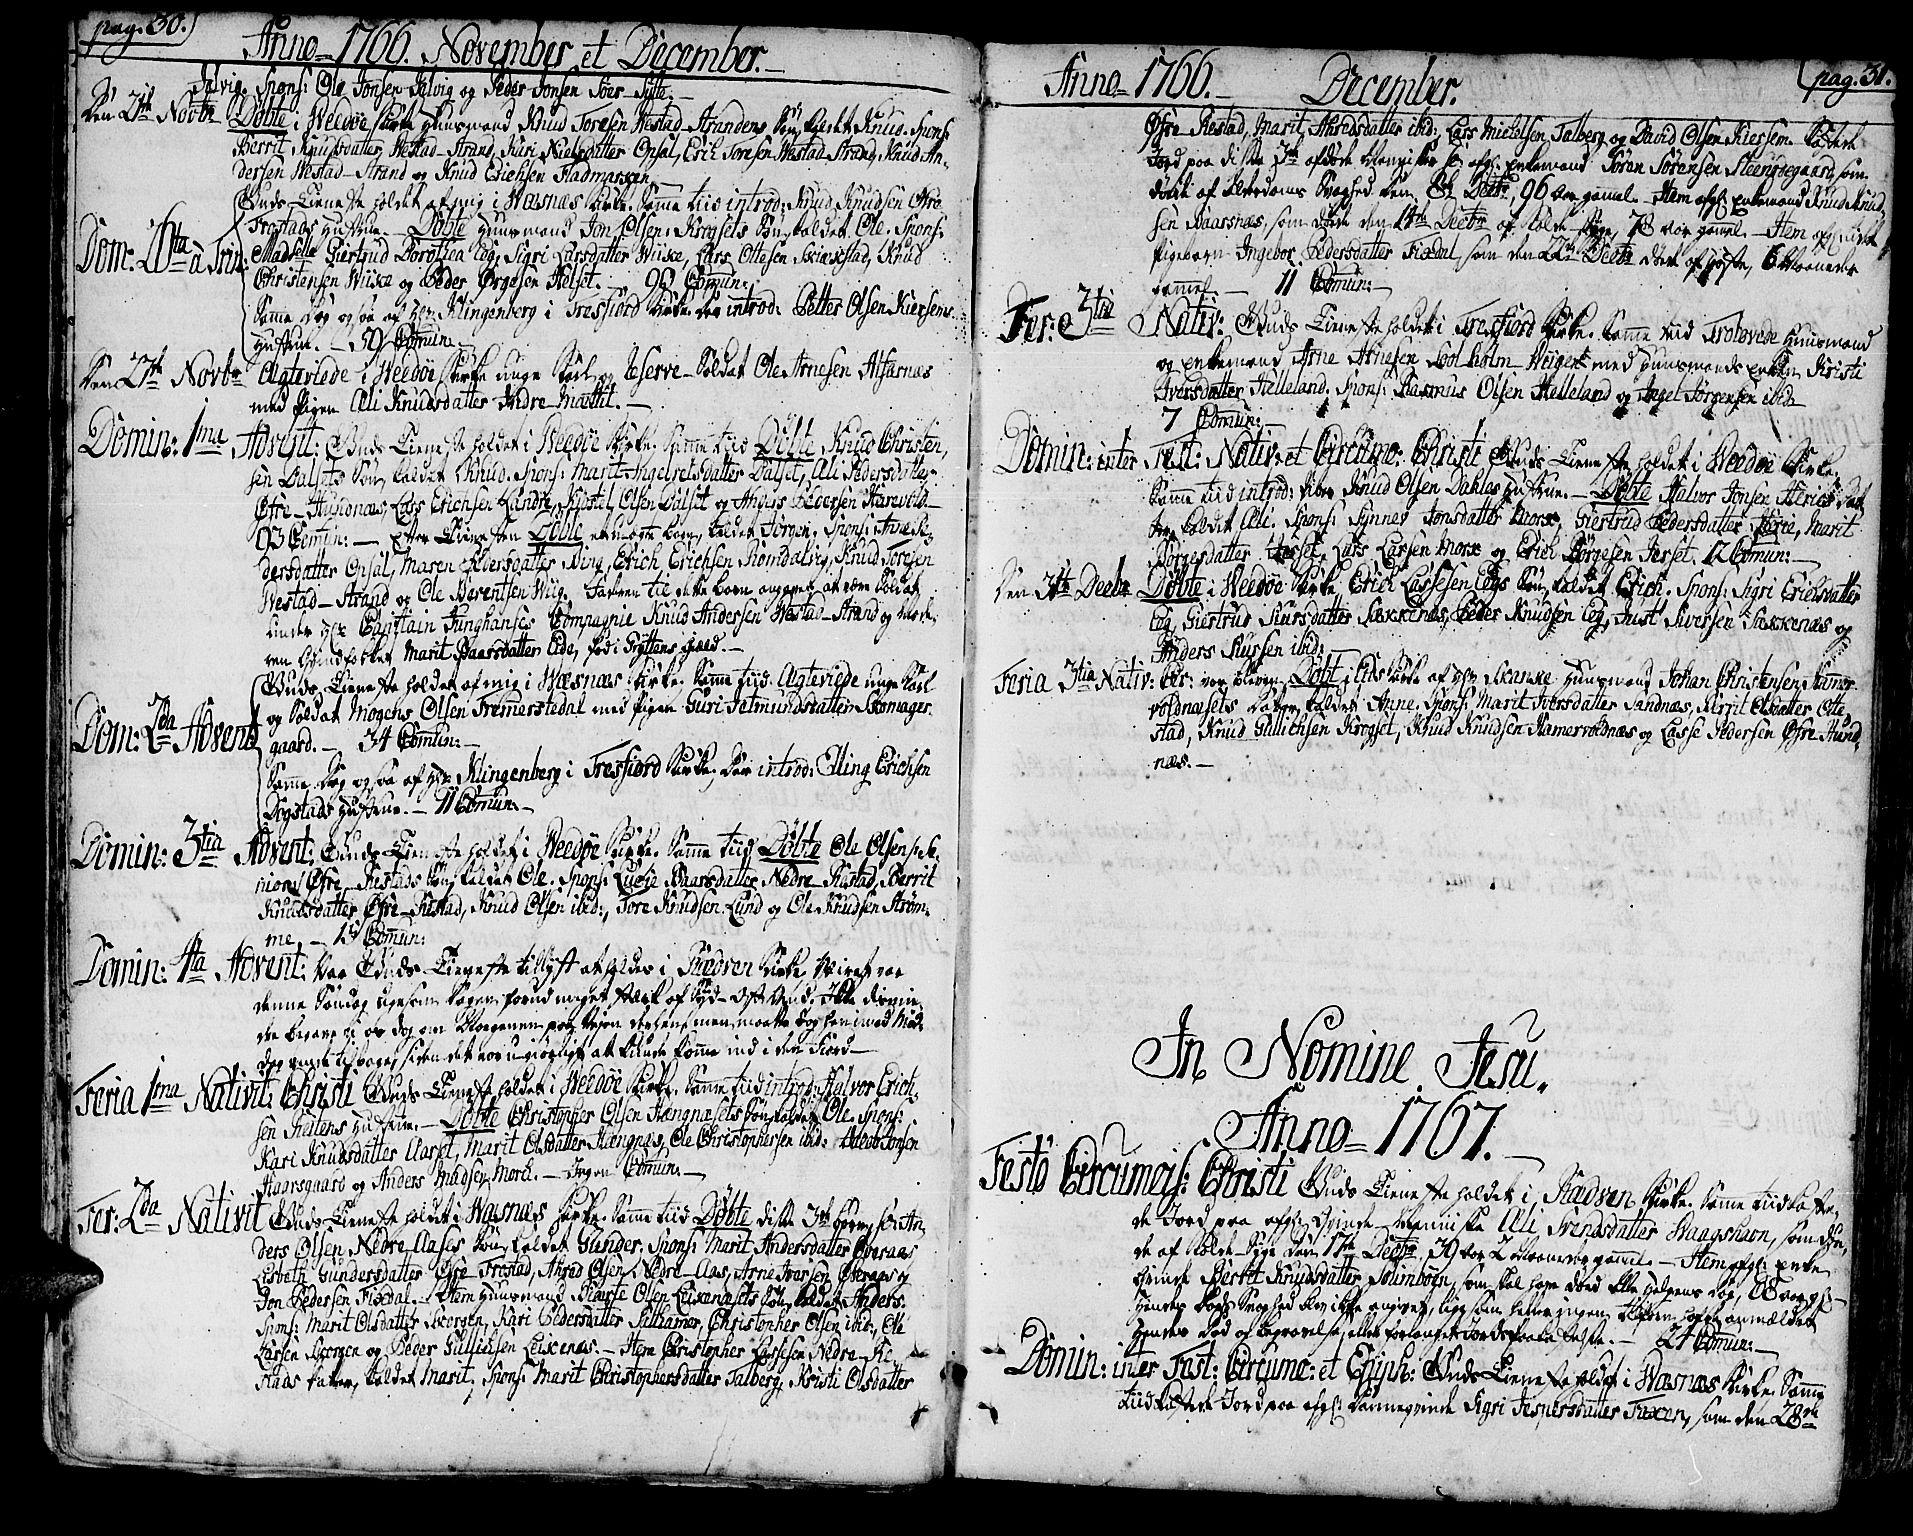 SAT, Ministerialprotokoller, klokkerbøker og fødselsregistre - Møre og Romsdal, 547/L0600: Ministerialbok nr. 547A02, 1765-1799, s. 30-31